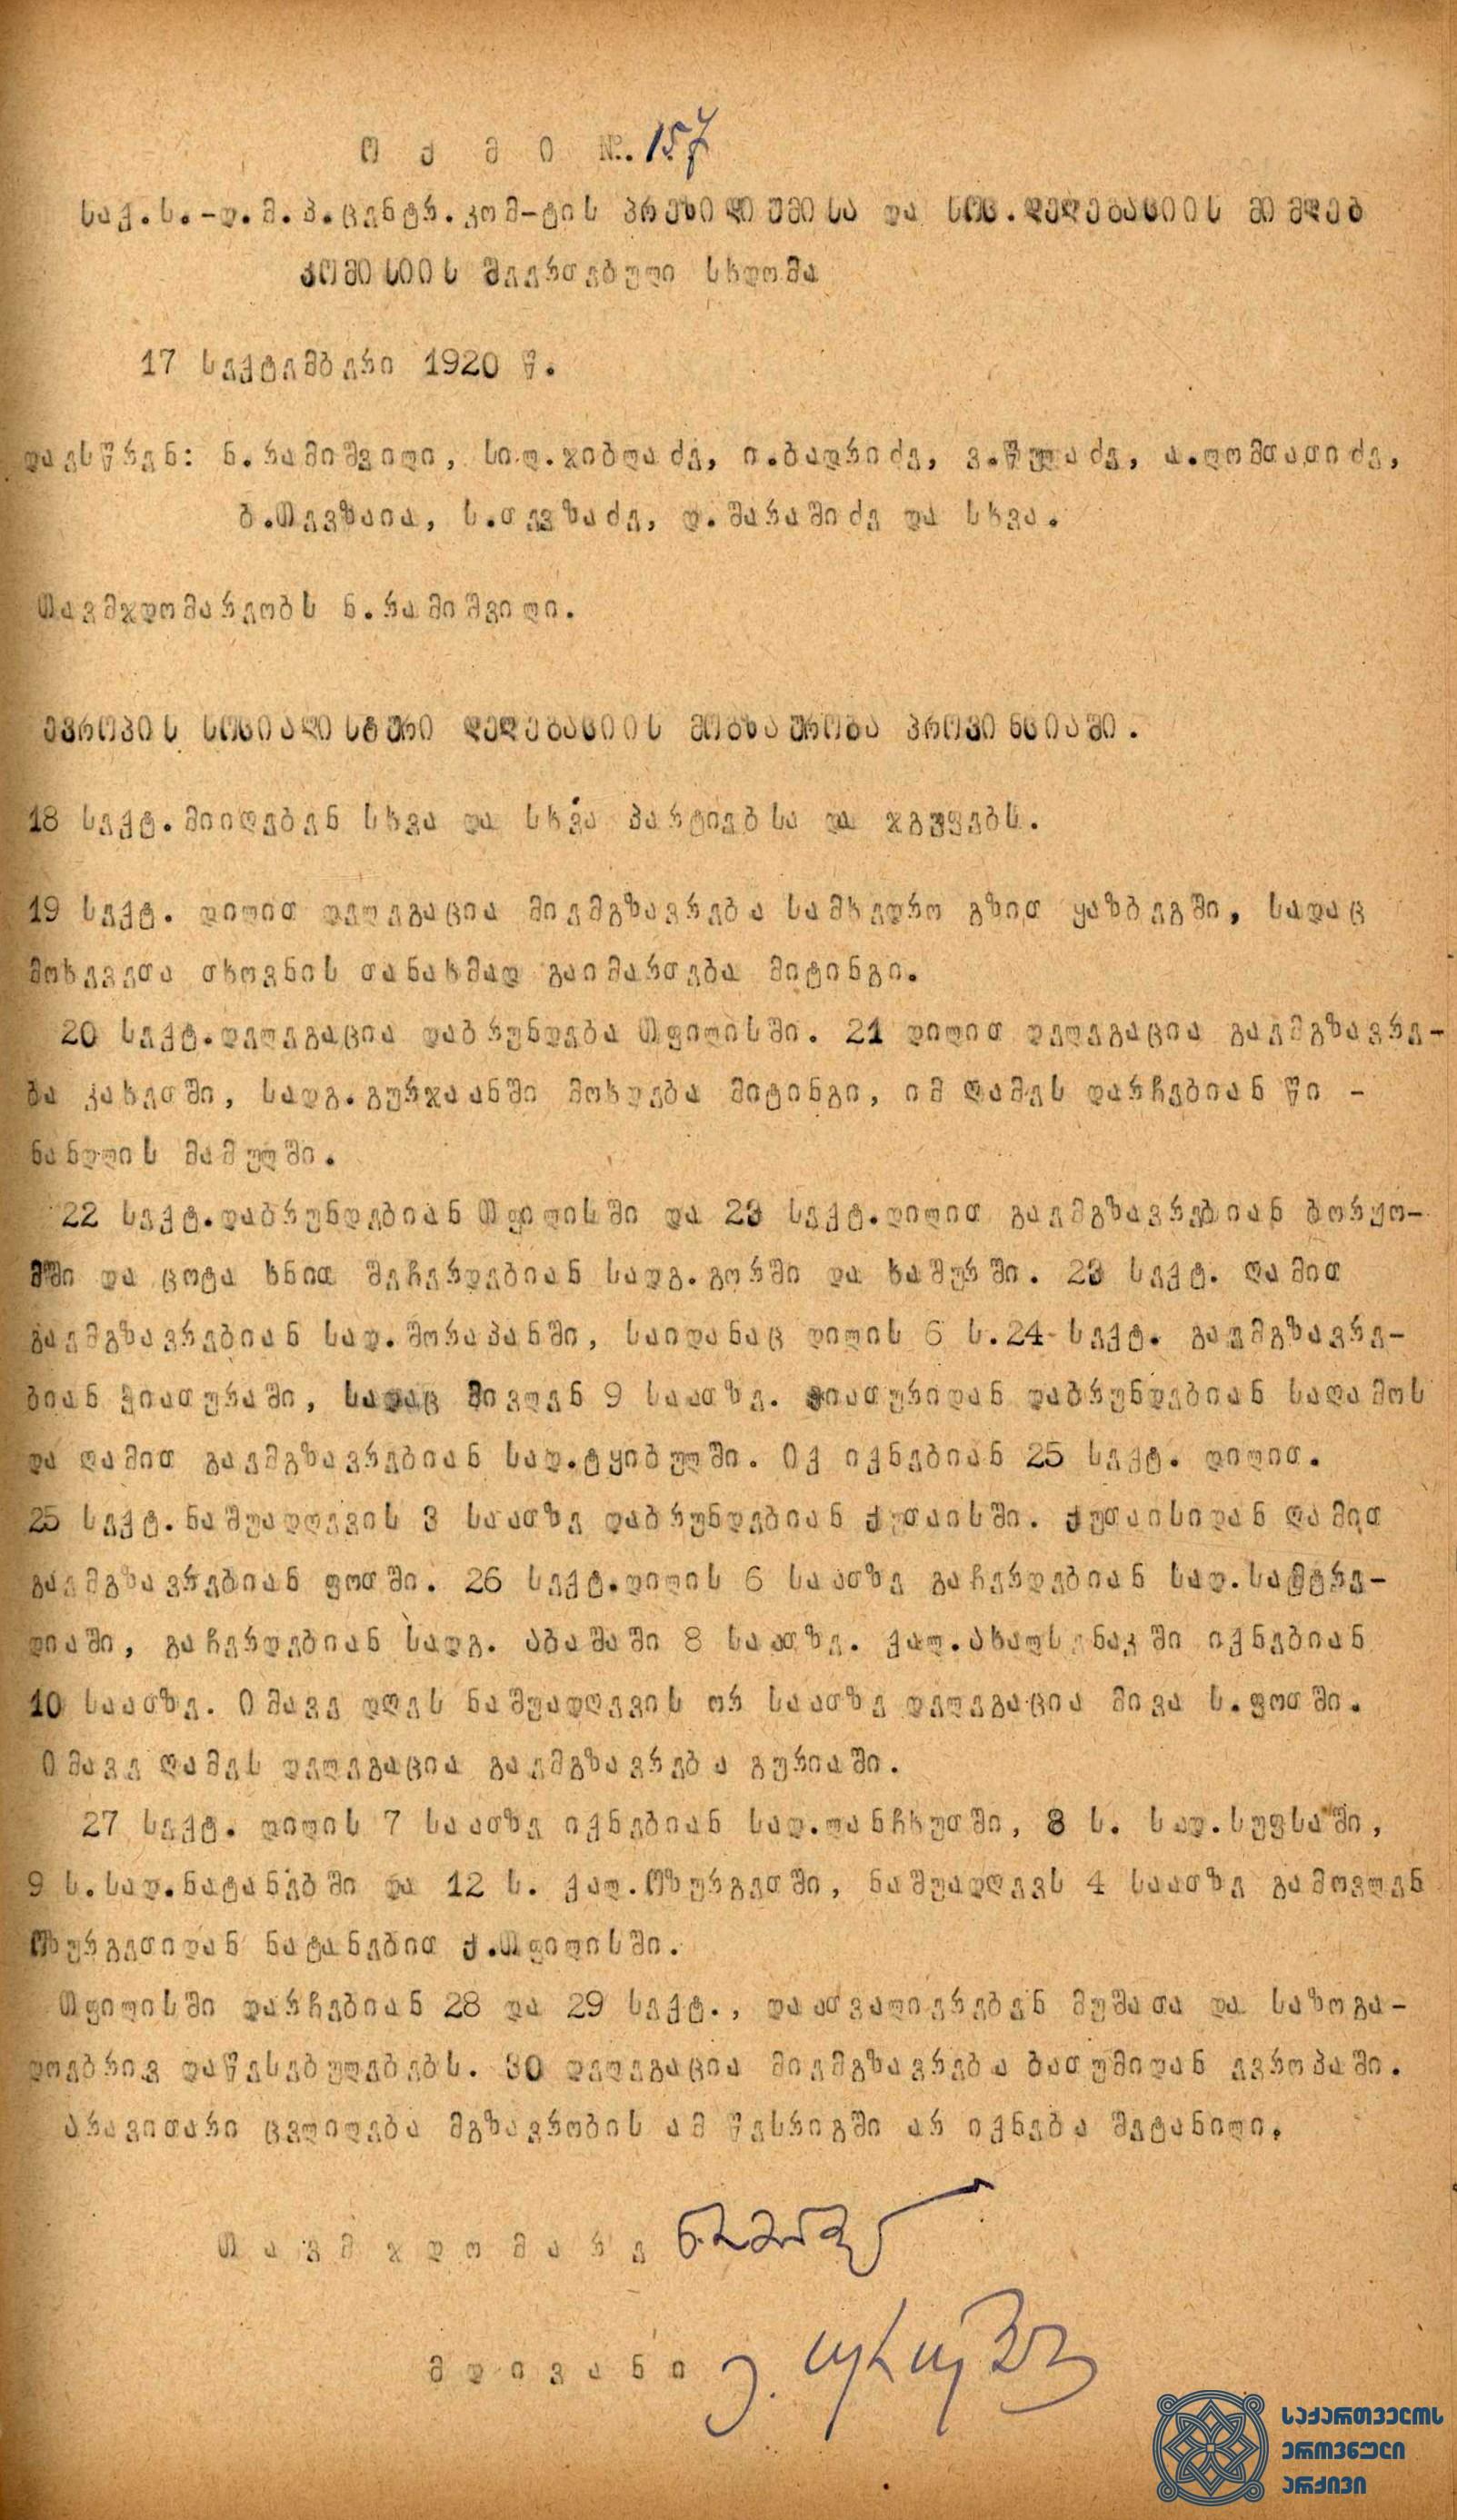 მეორე სოციალისტური ინტერნაციონალის დელეგაციის  შეხვედრებისა და რეგიონებში მოგზაურობის განრიგი. <br> Schedule of meetings and trips to the regions of the delegation of the Second Socialist International.